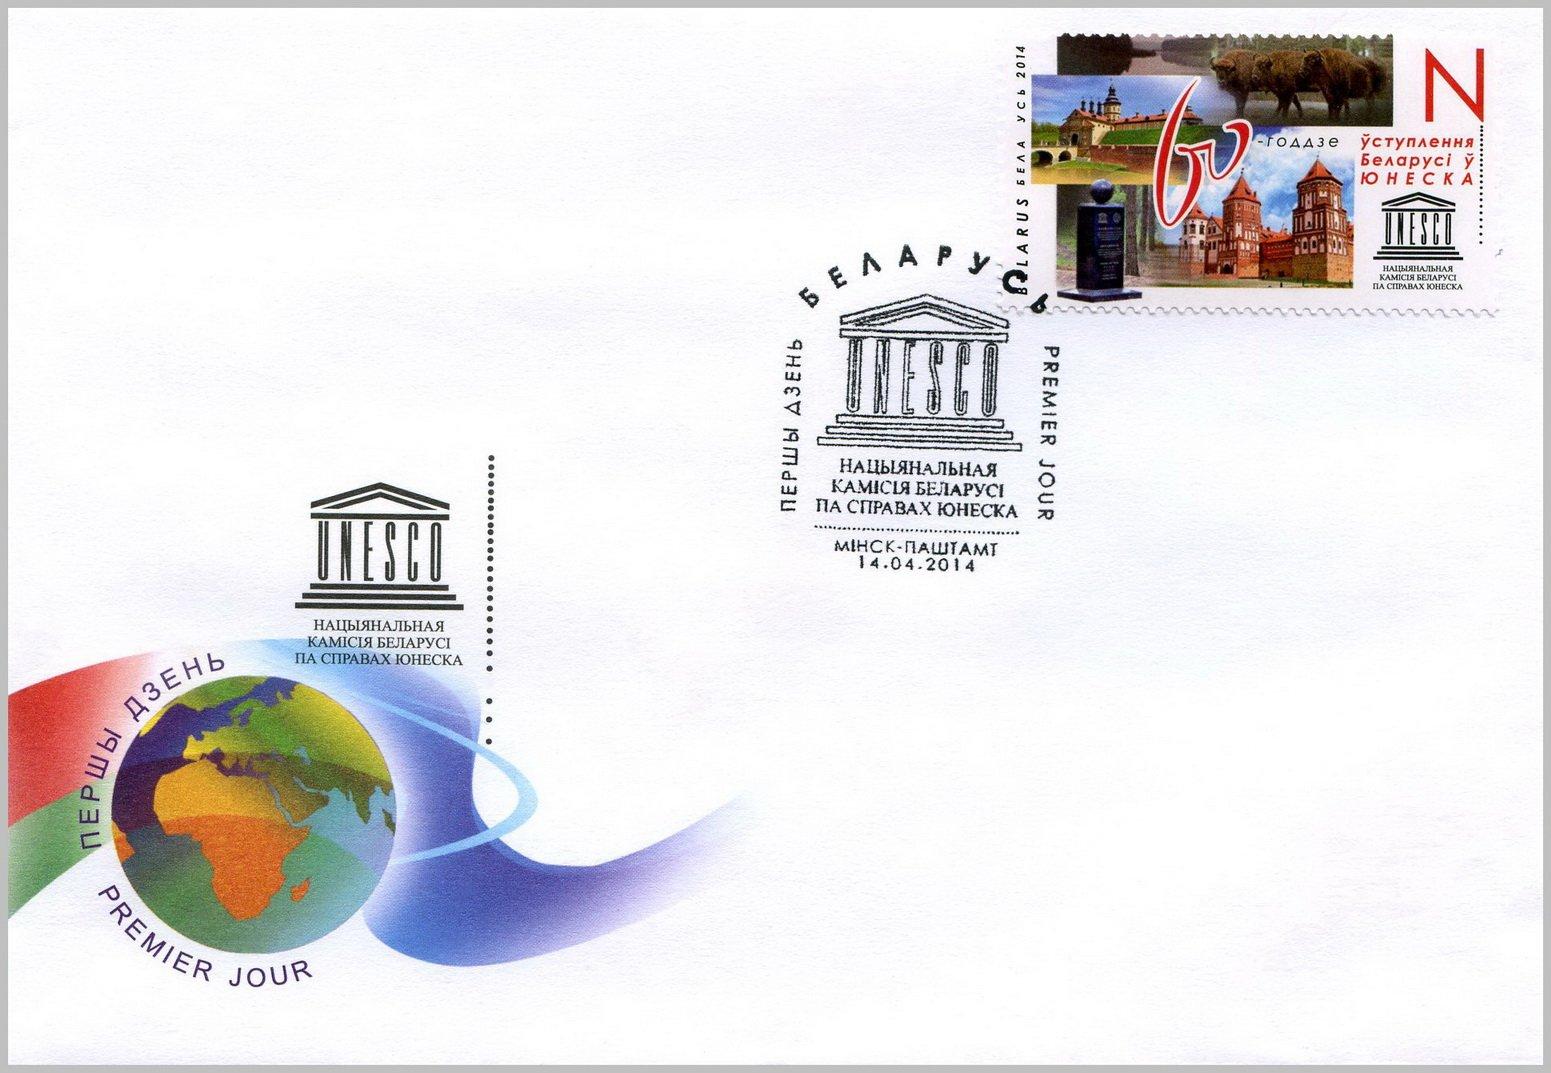 Марта, юнеско открытки